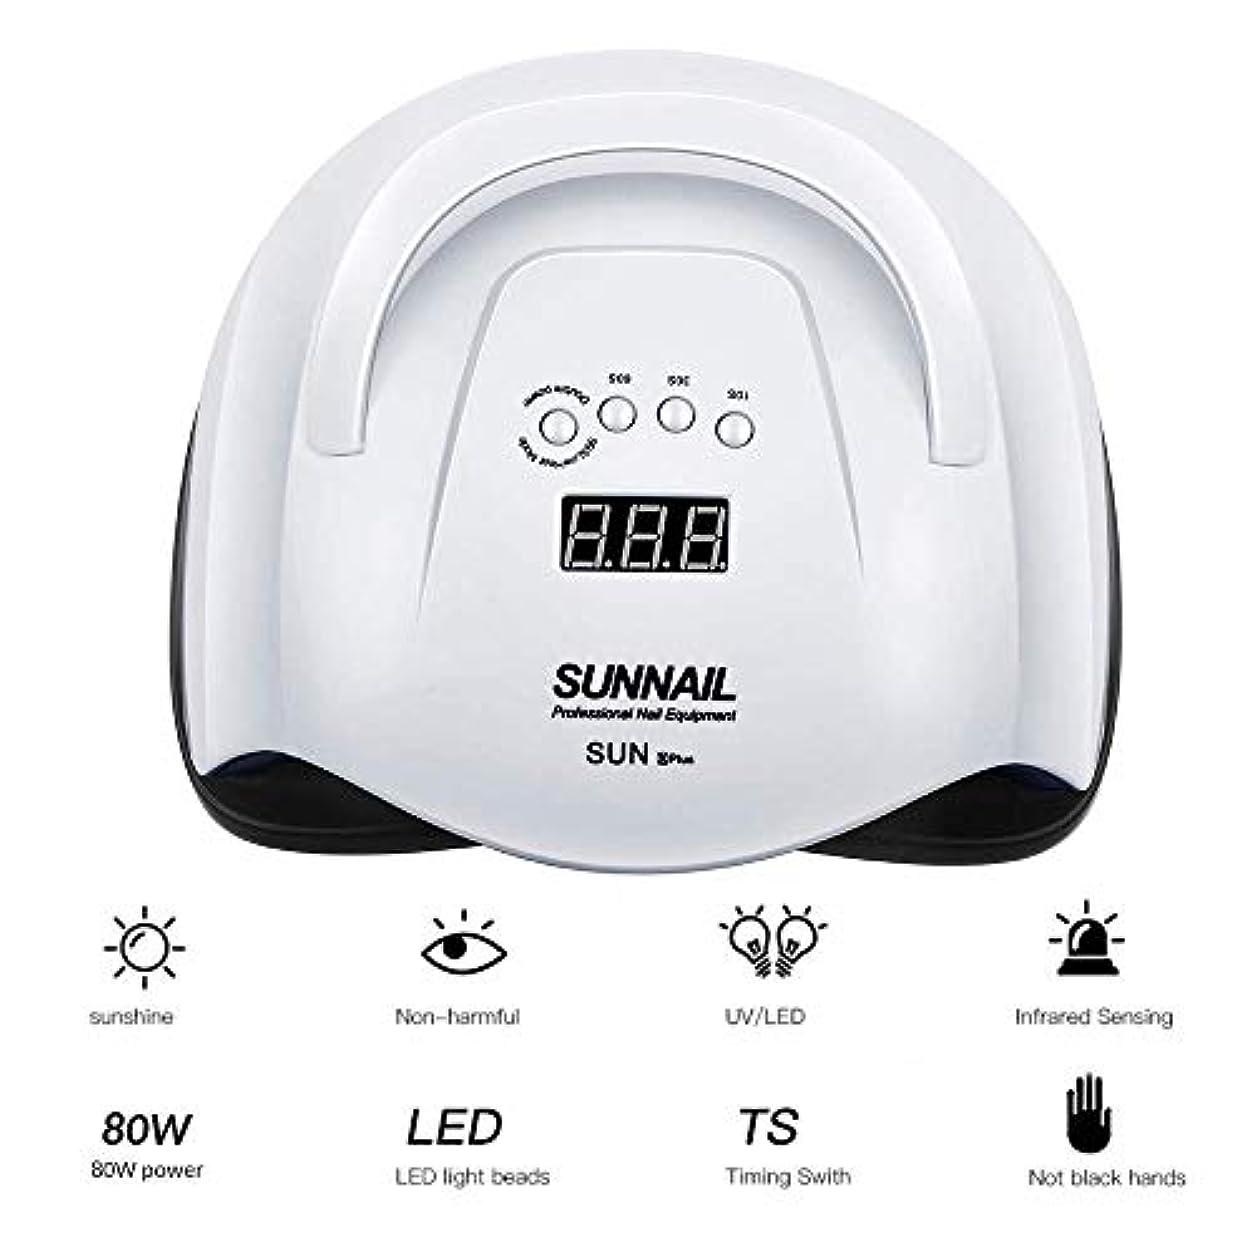 実質的巻き取り騙すネイルドライヤー80 UVネイルランプ用LEDランプマニキュア用ネイルドライヤーすべてのゲル用ポーランド語赤外線センサー10/30/60/99秒タイマーLCDディスプレイ